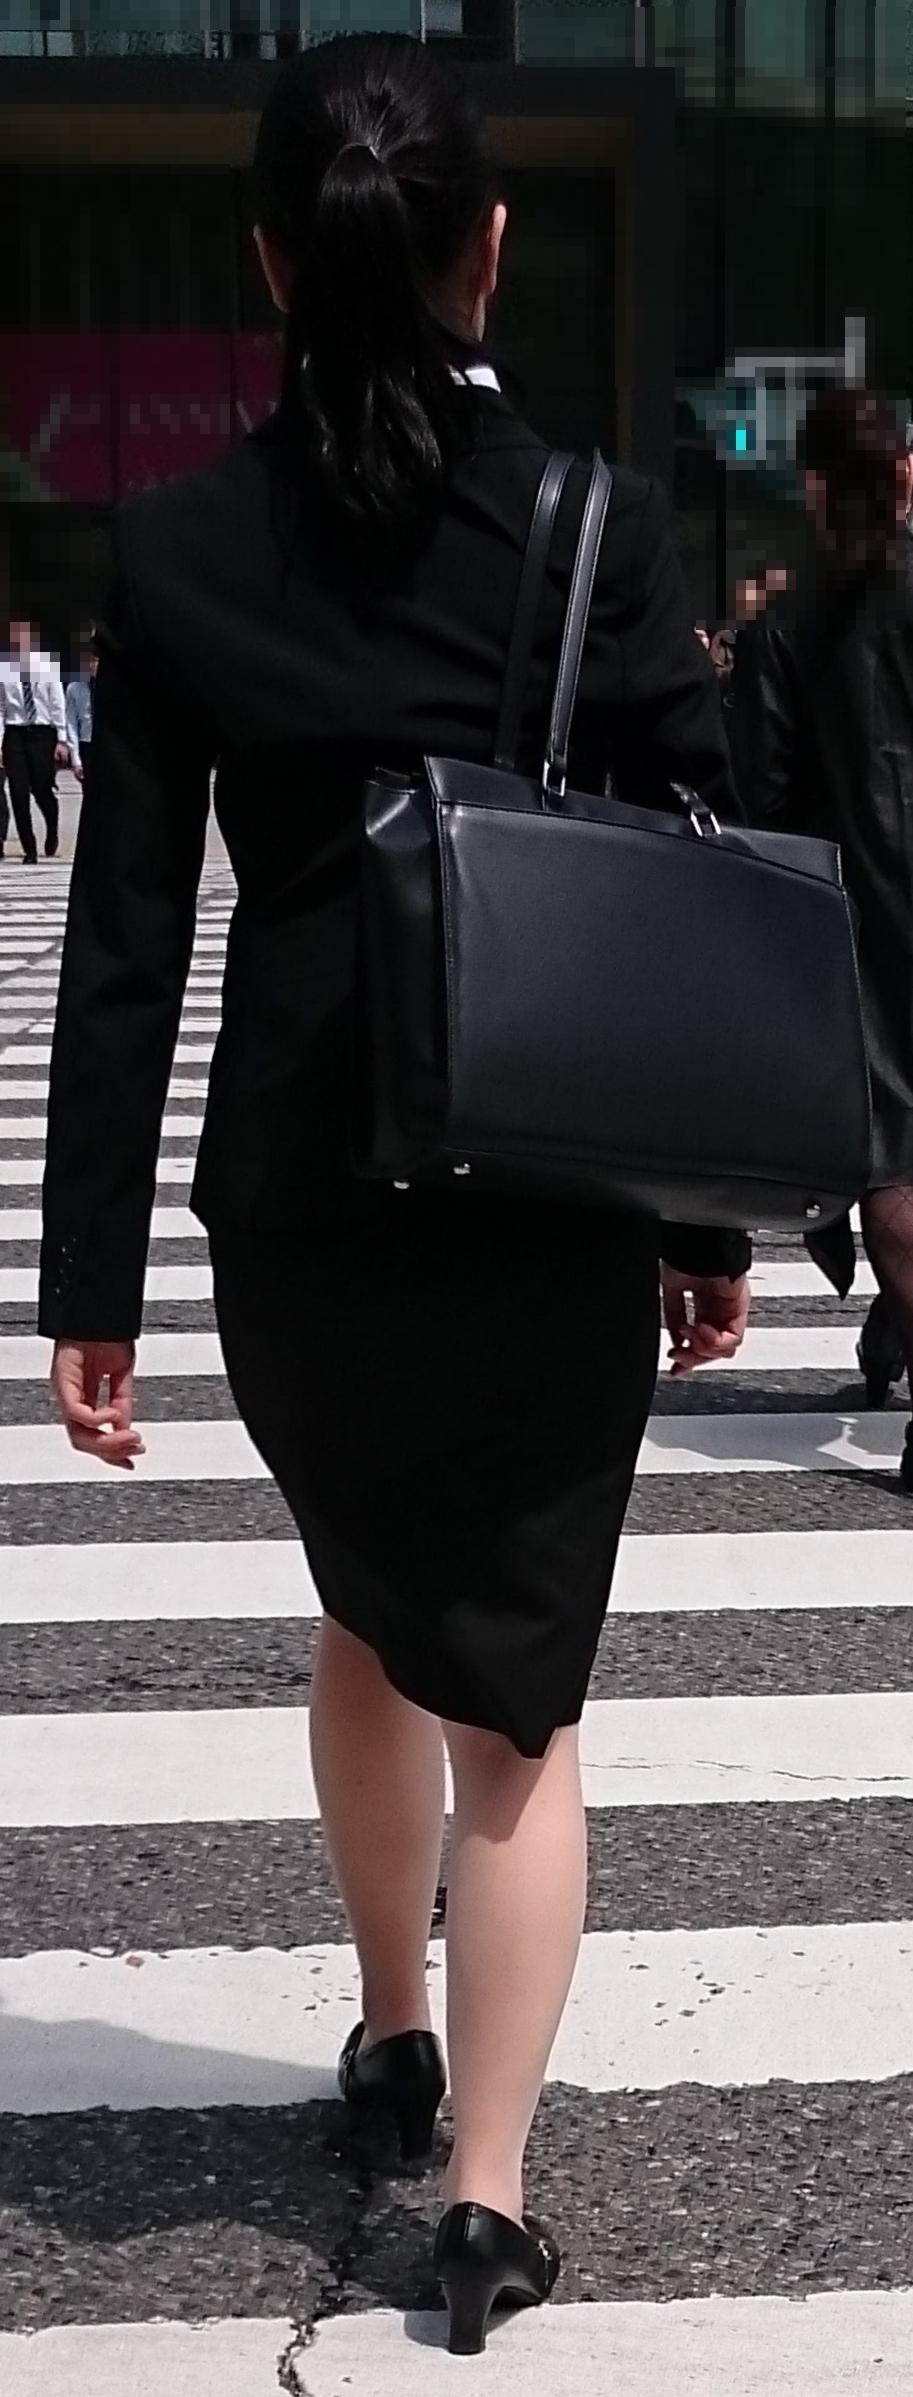 スーツや制服姿の働くお姉さんの素人エロ画像-020